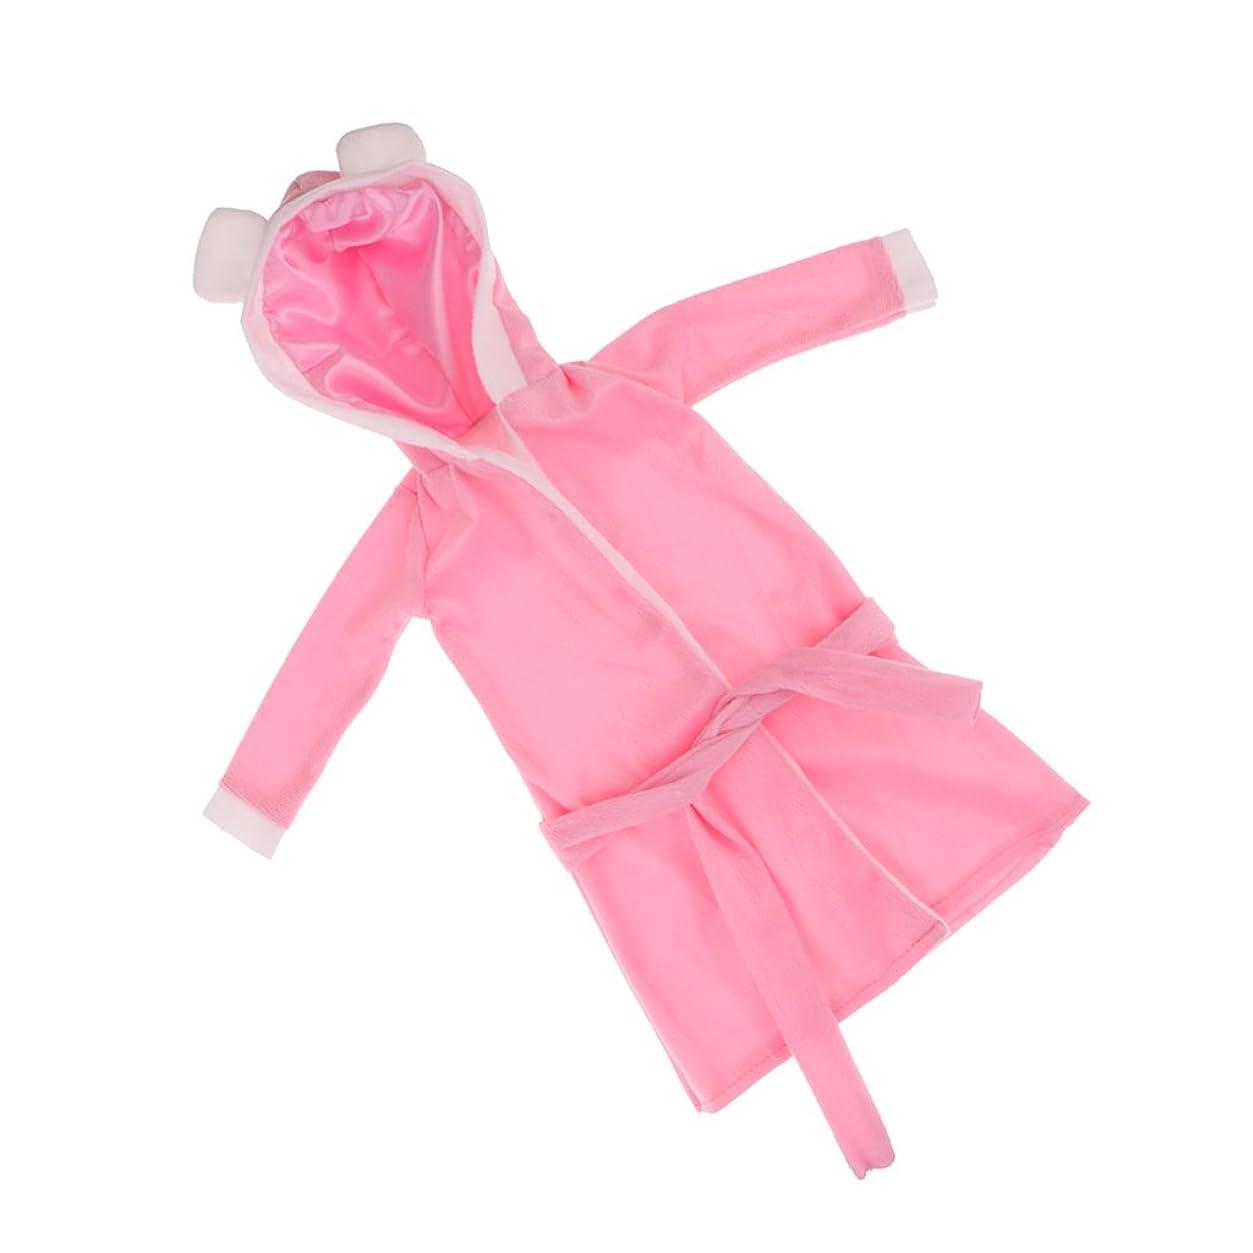 令状発生するテーブルを設定する人形服 ハートパジャマ 1/3 Bjdドール人形用 装飾 アクセサリー